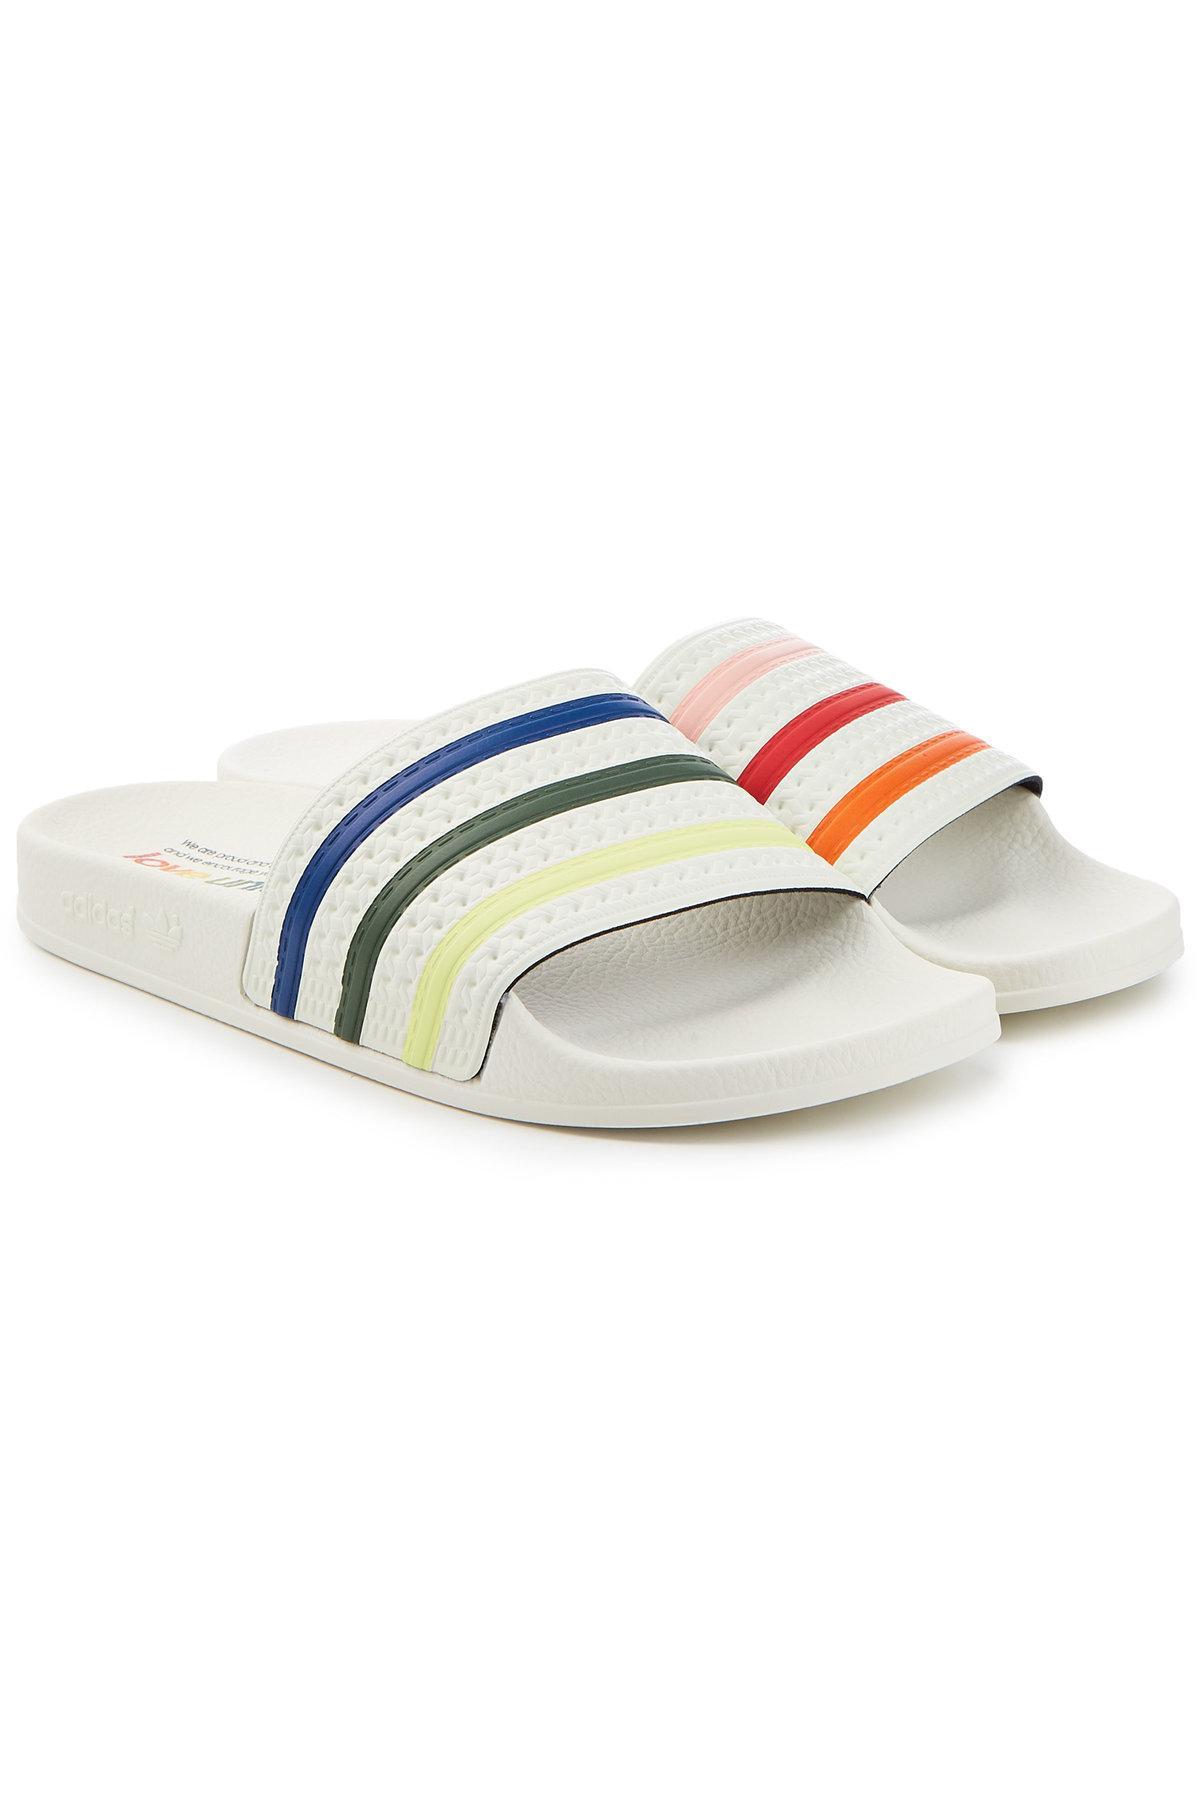 Adilette Pride Slides In Multicolored